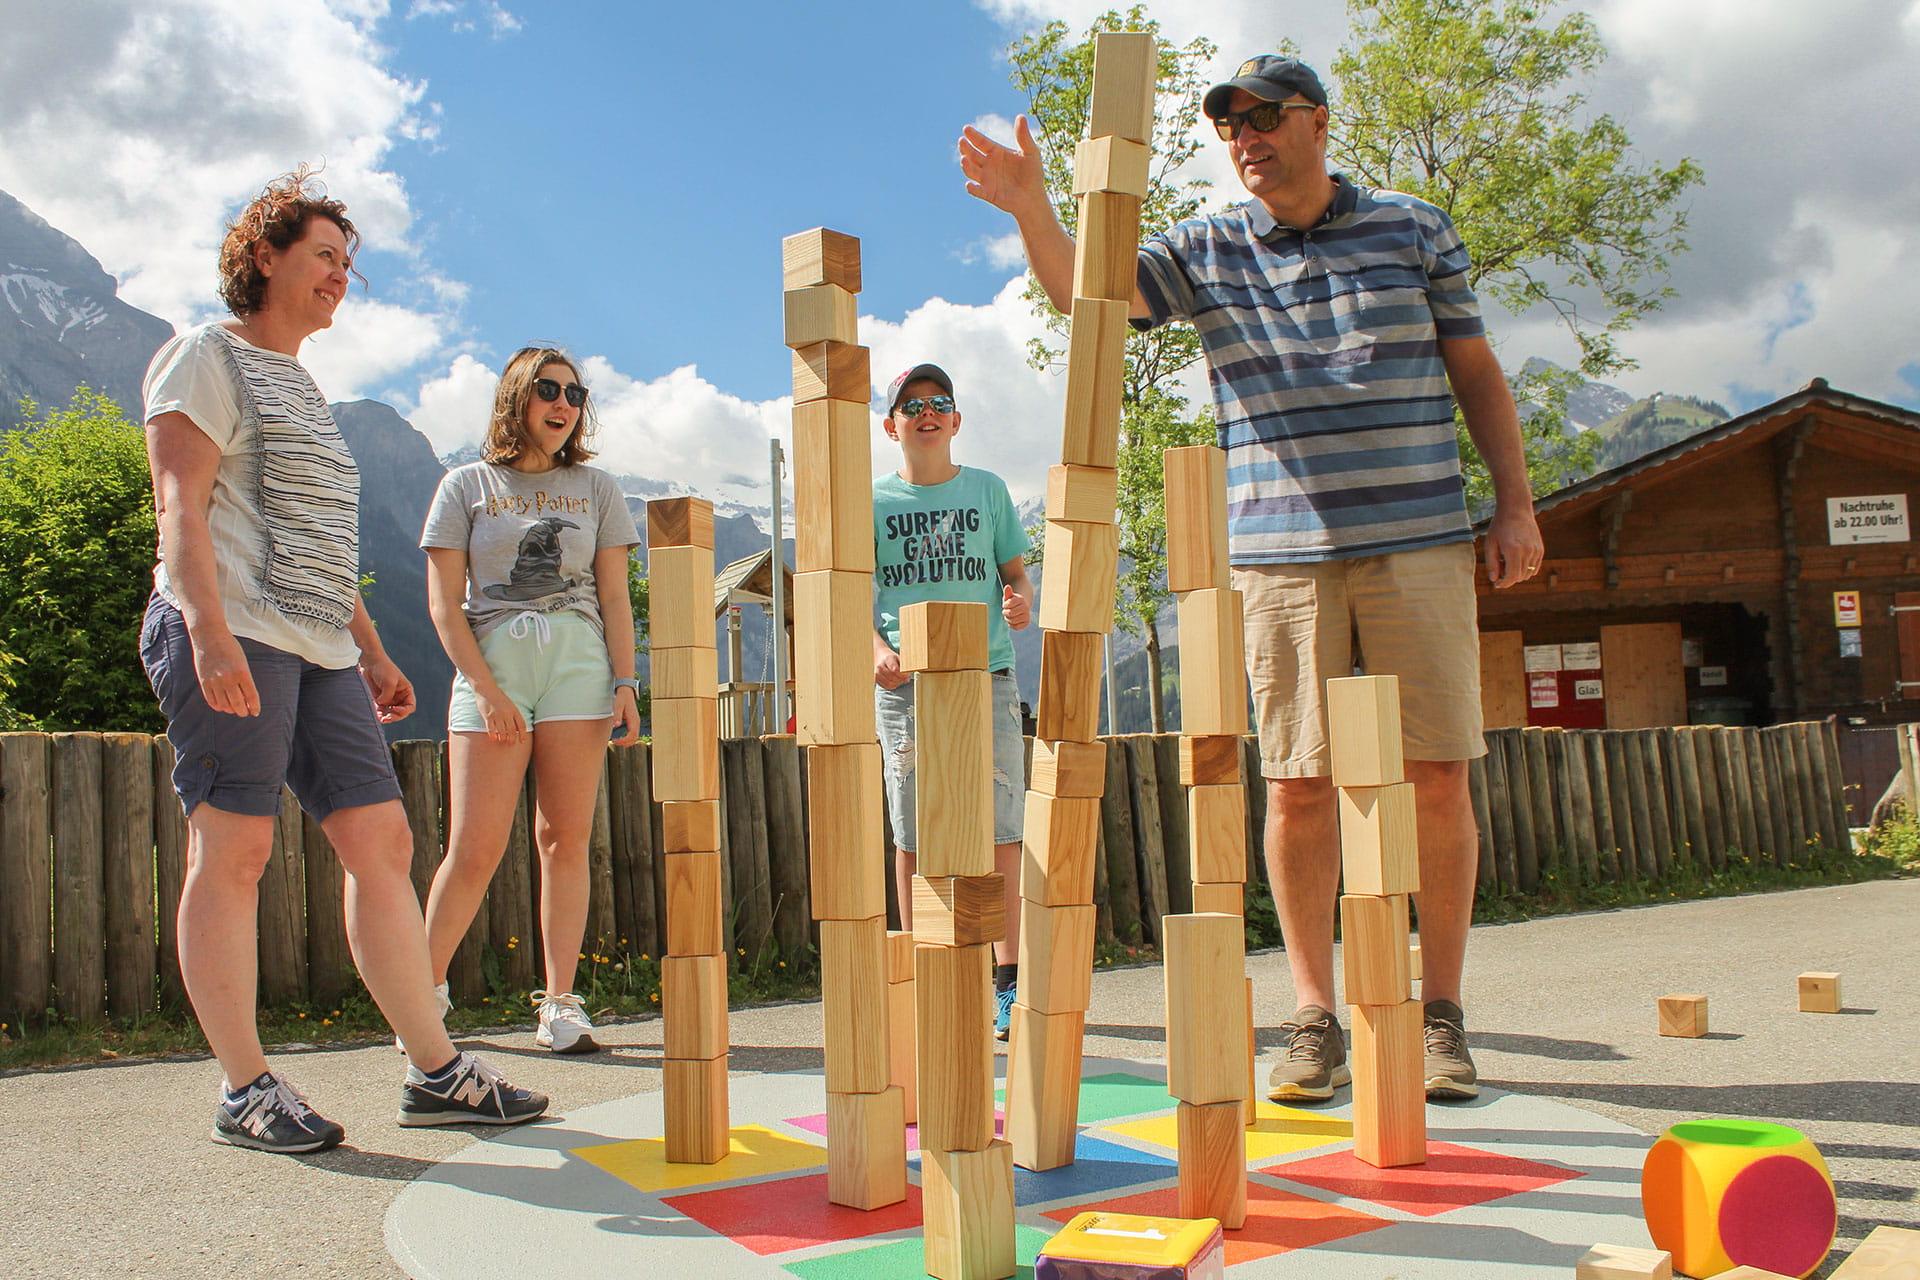 Familie beim Bau eines Turms mit Holzklötzen